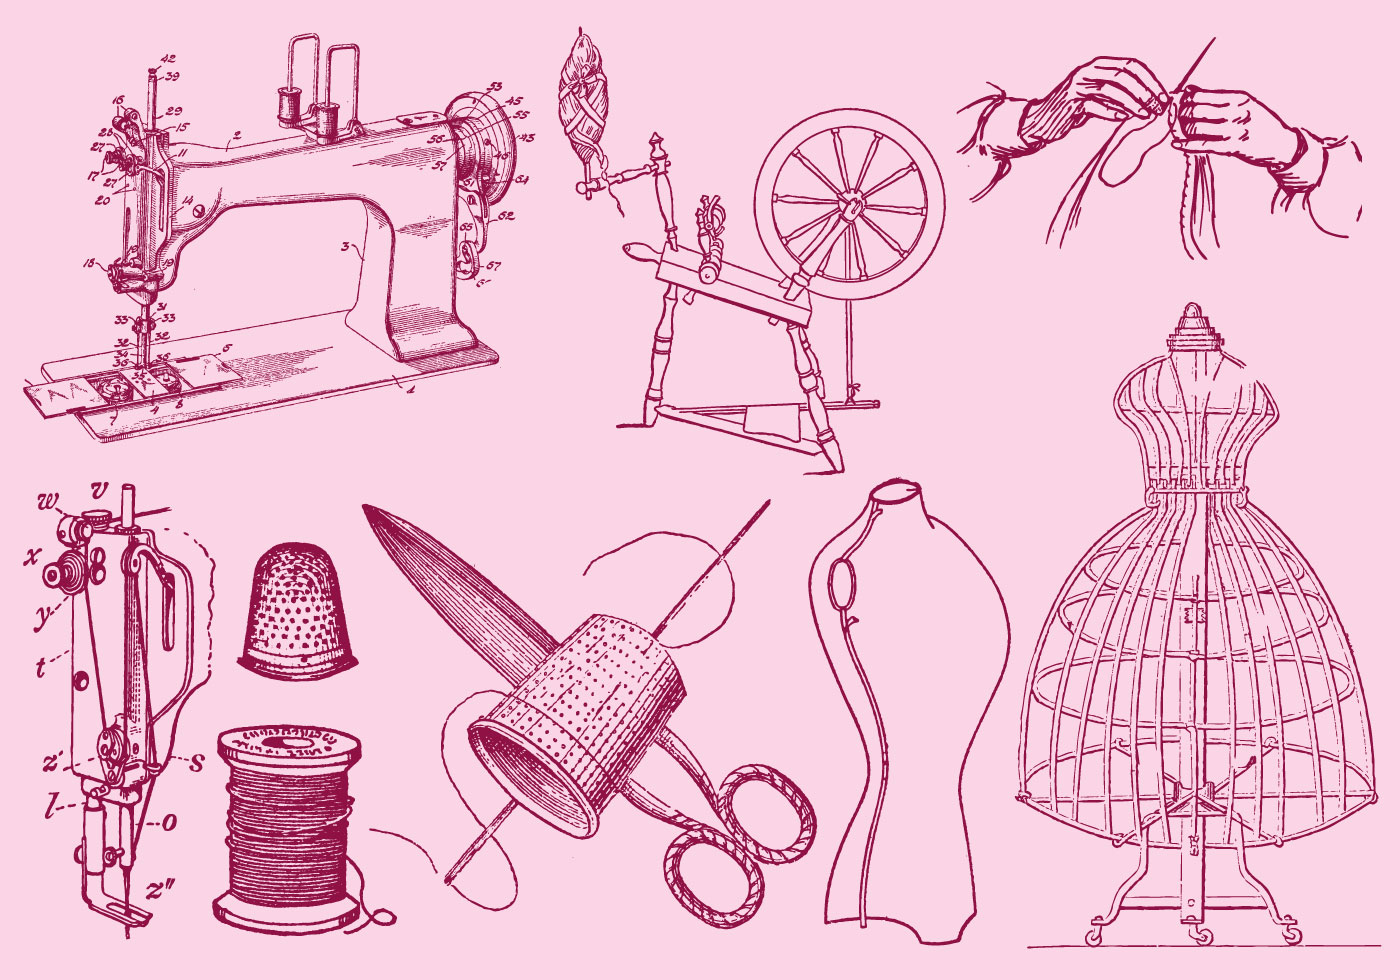 картинки со швейной тематикой нашем официальном сайте